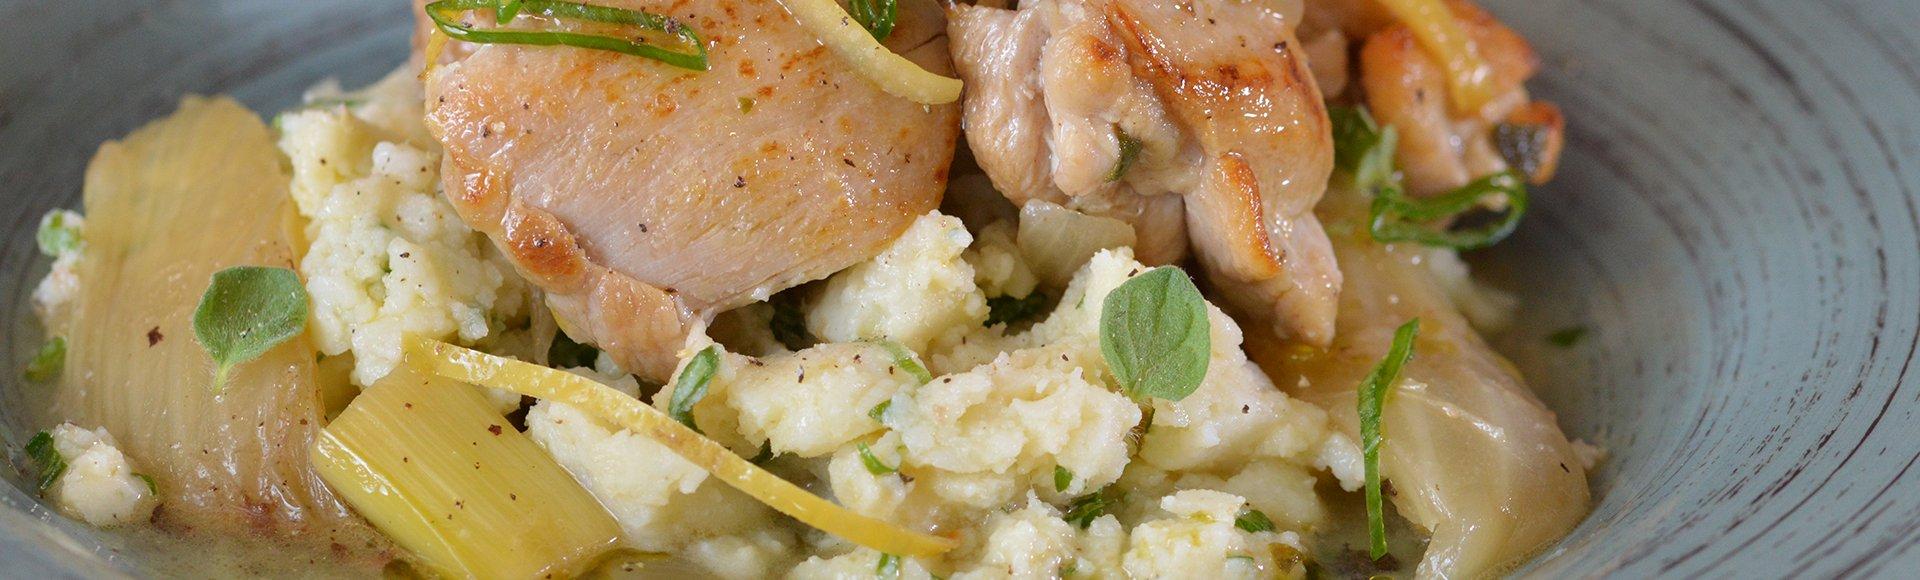 Κοτόπουλο λεμονάτο & σκορδάτες πατάτες